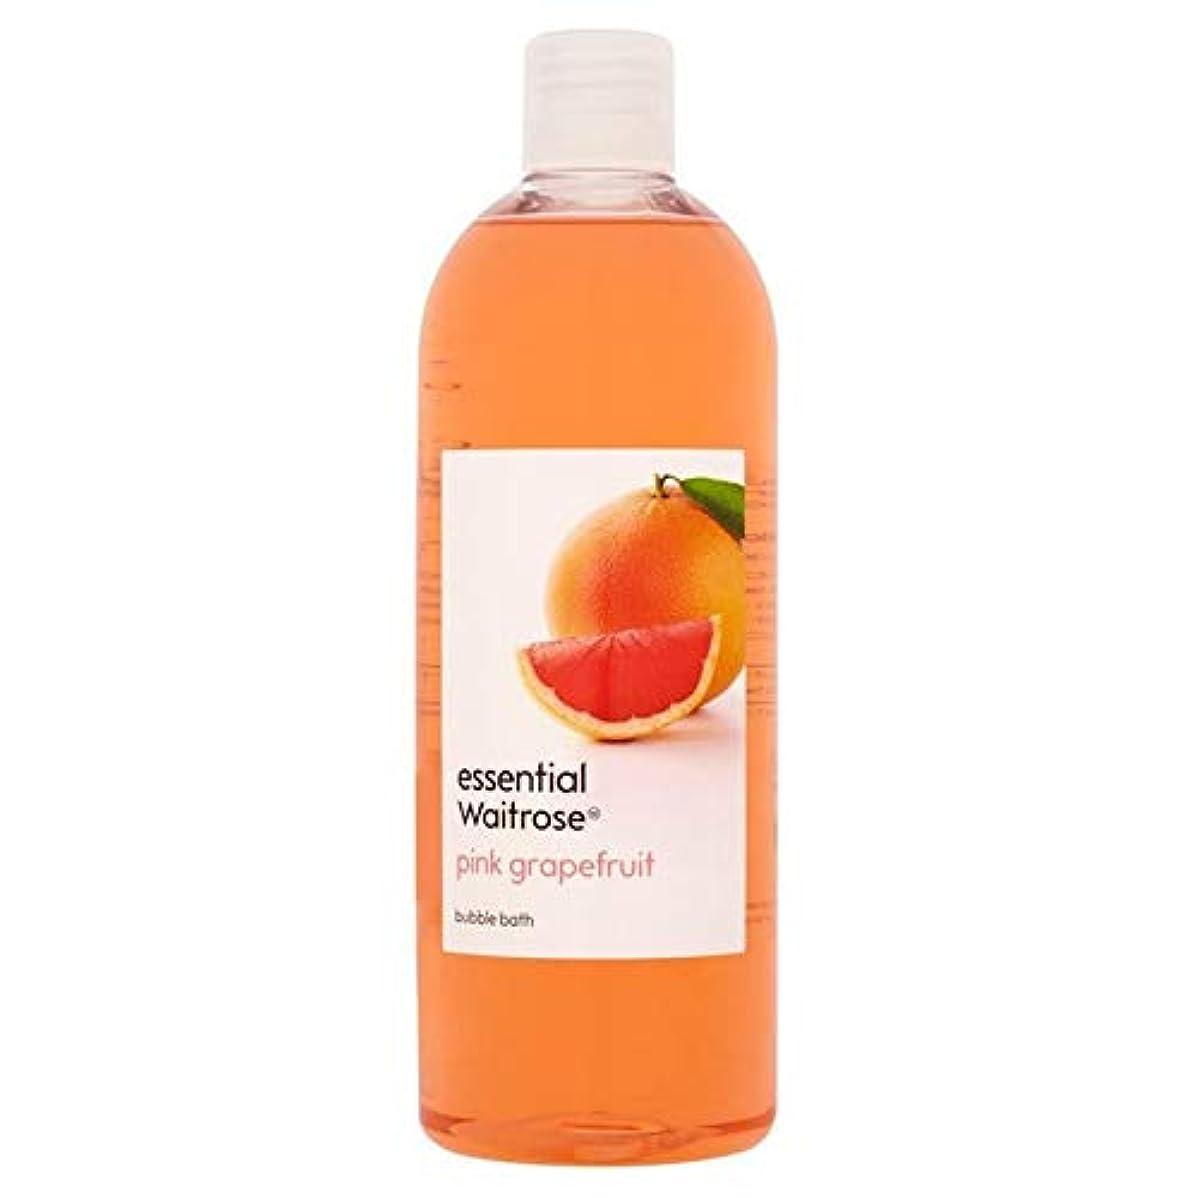 アロング湿度ドレス[Waitrose ] 基本的なウェイトローズの泡風呂ピンクグレープフルーツ750ミリリットル - Essential Waitrose Bubble Bath Pink Grapefruit 750ml [並行輸入品]